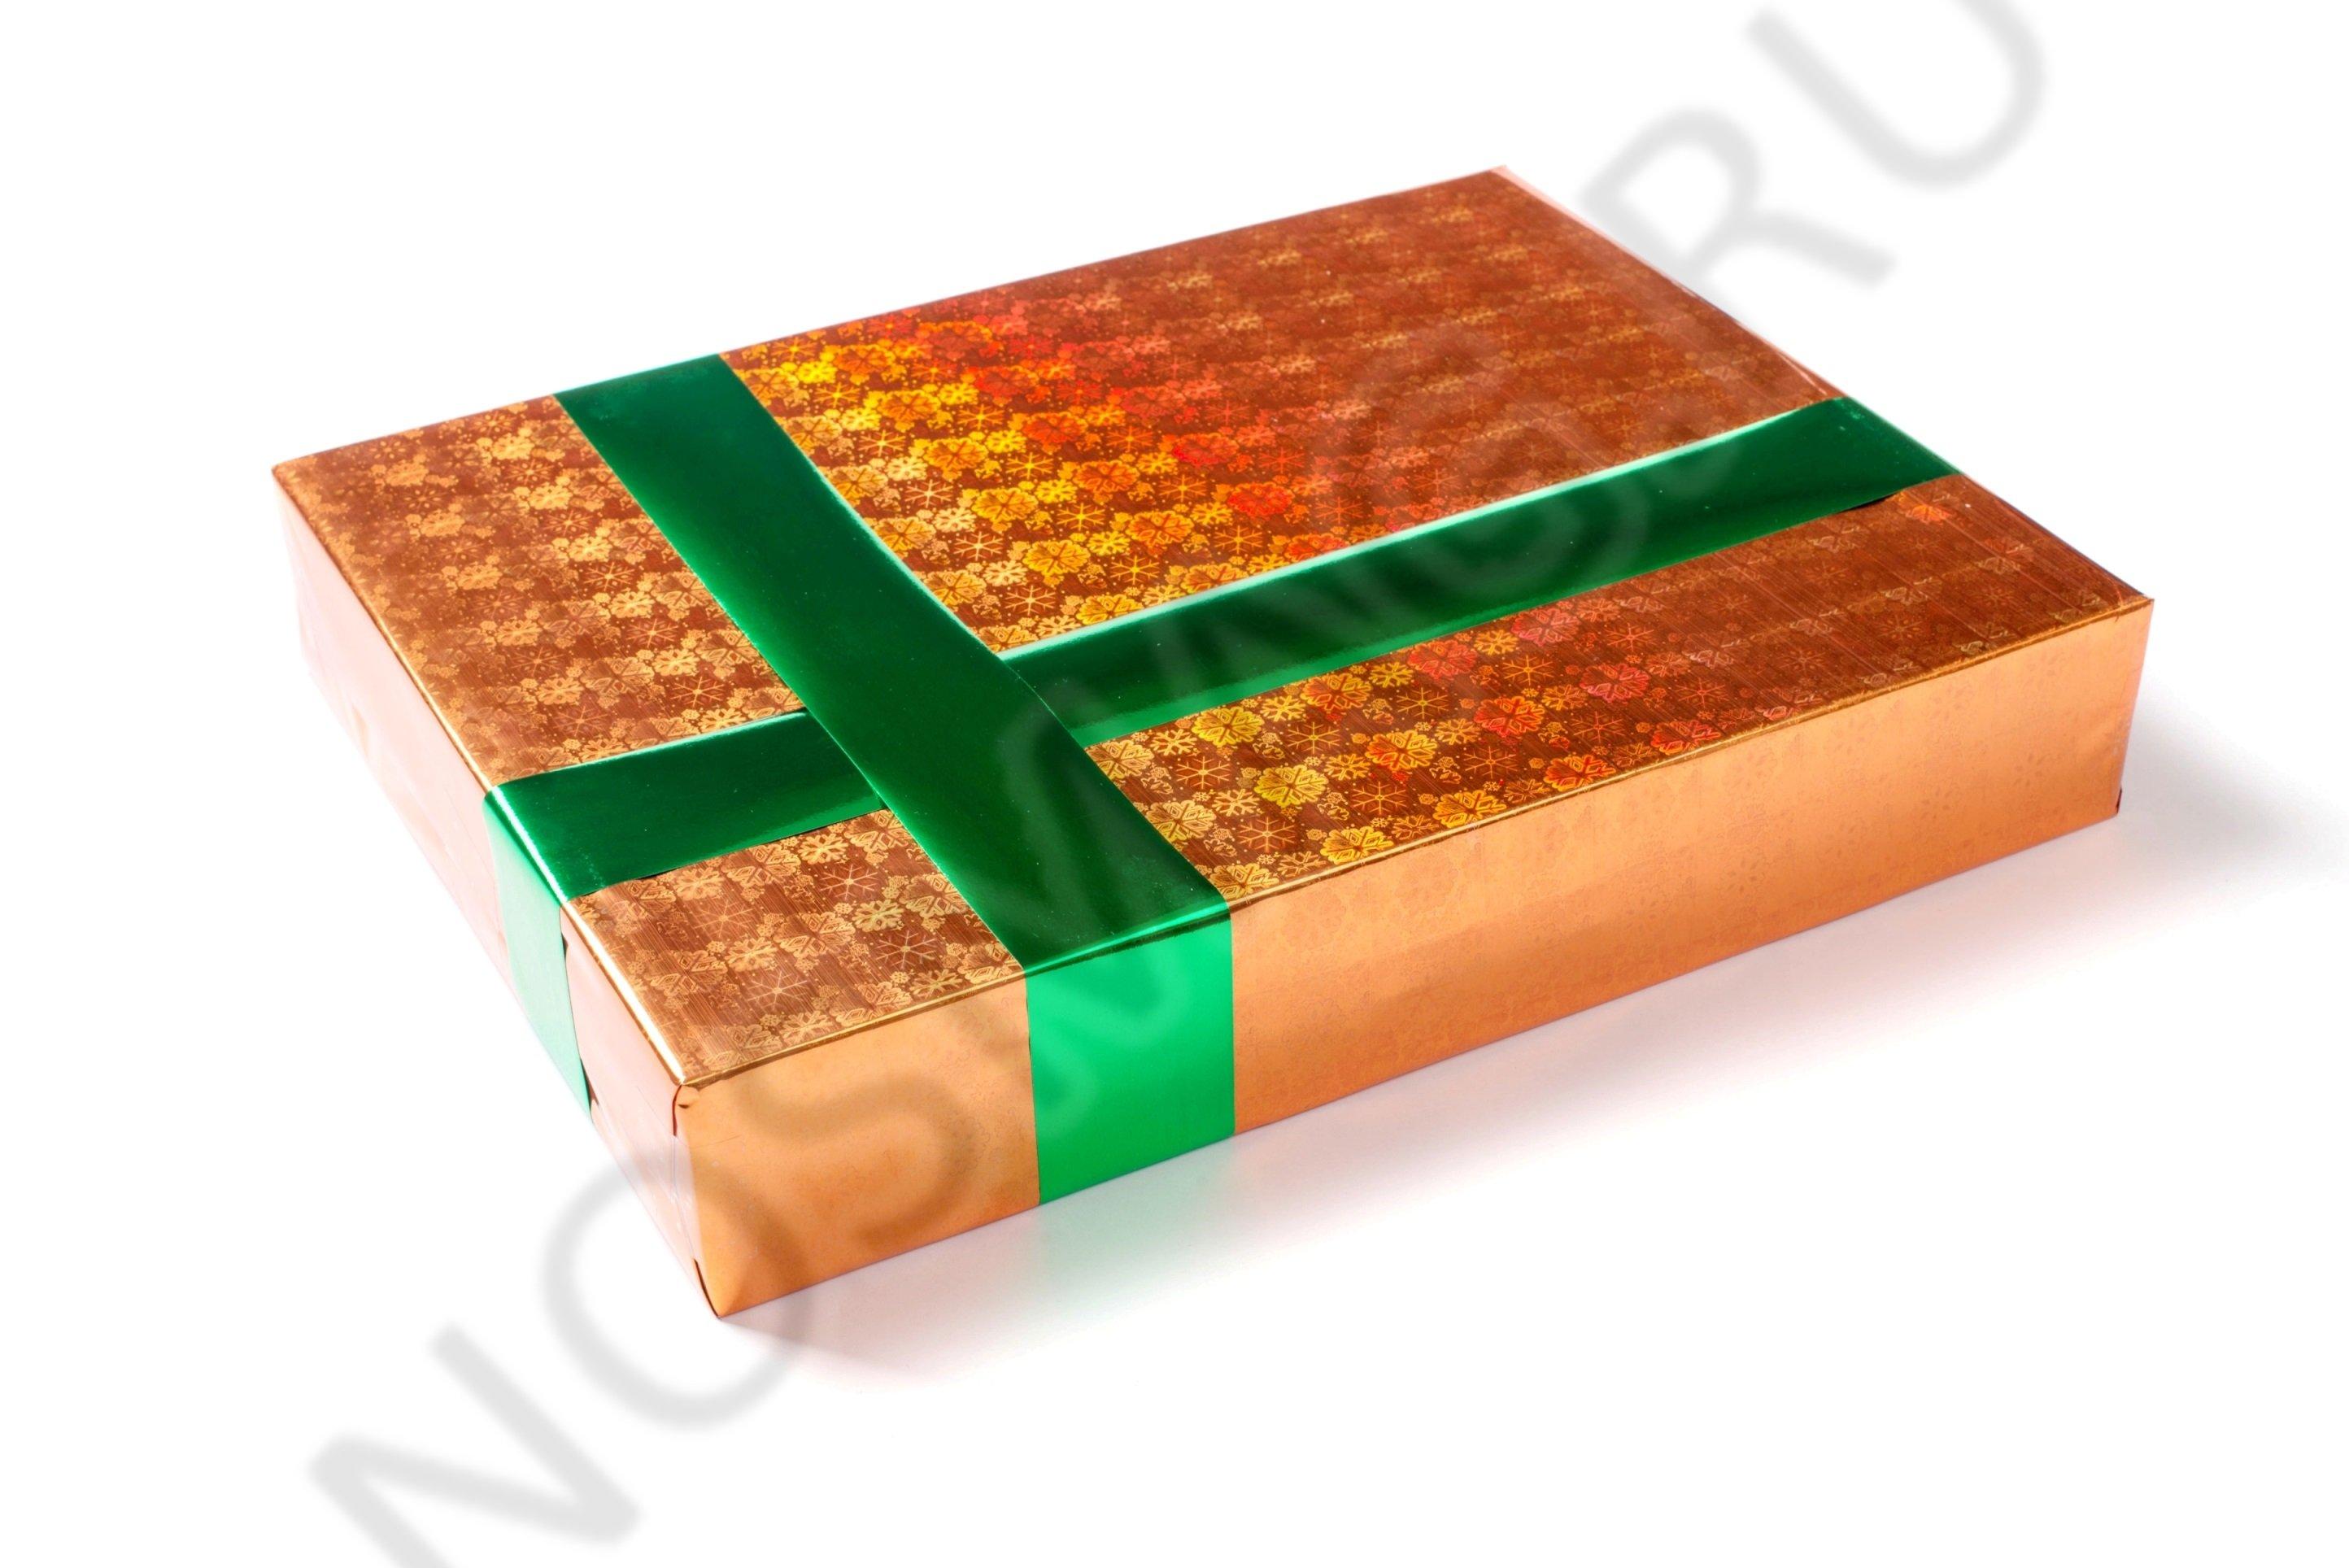 Яркая подарочная упаковка из золотой пленки и зеленых лент